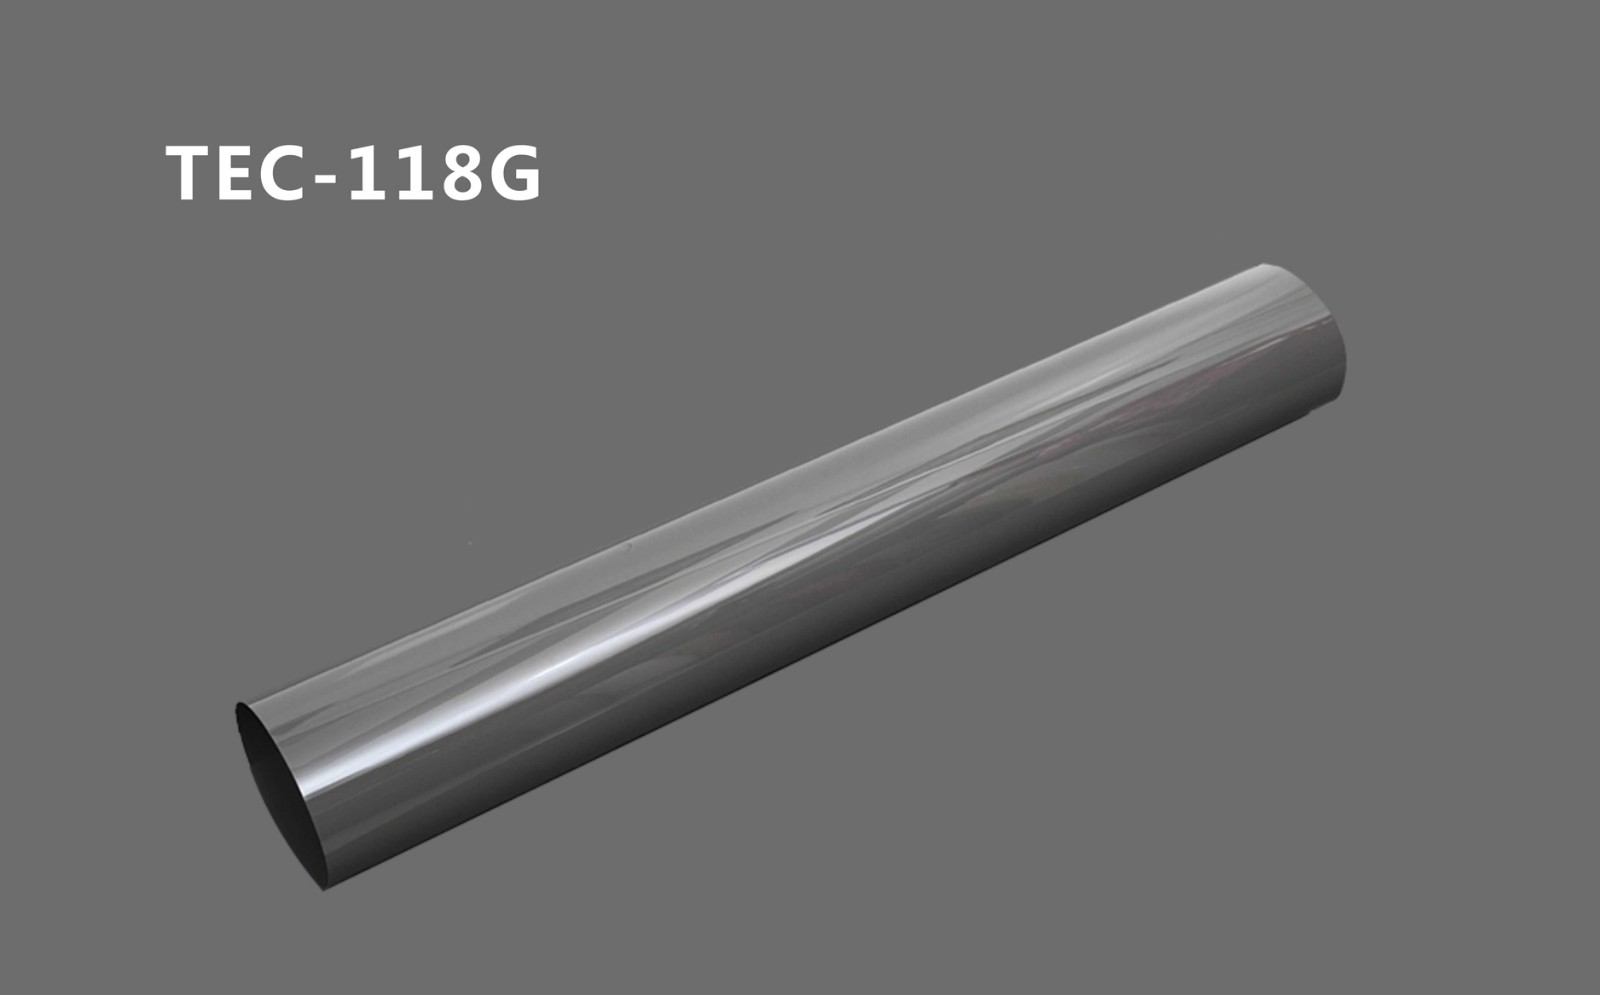 TEC-118G